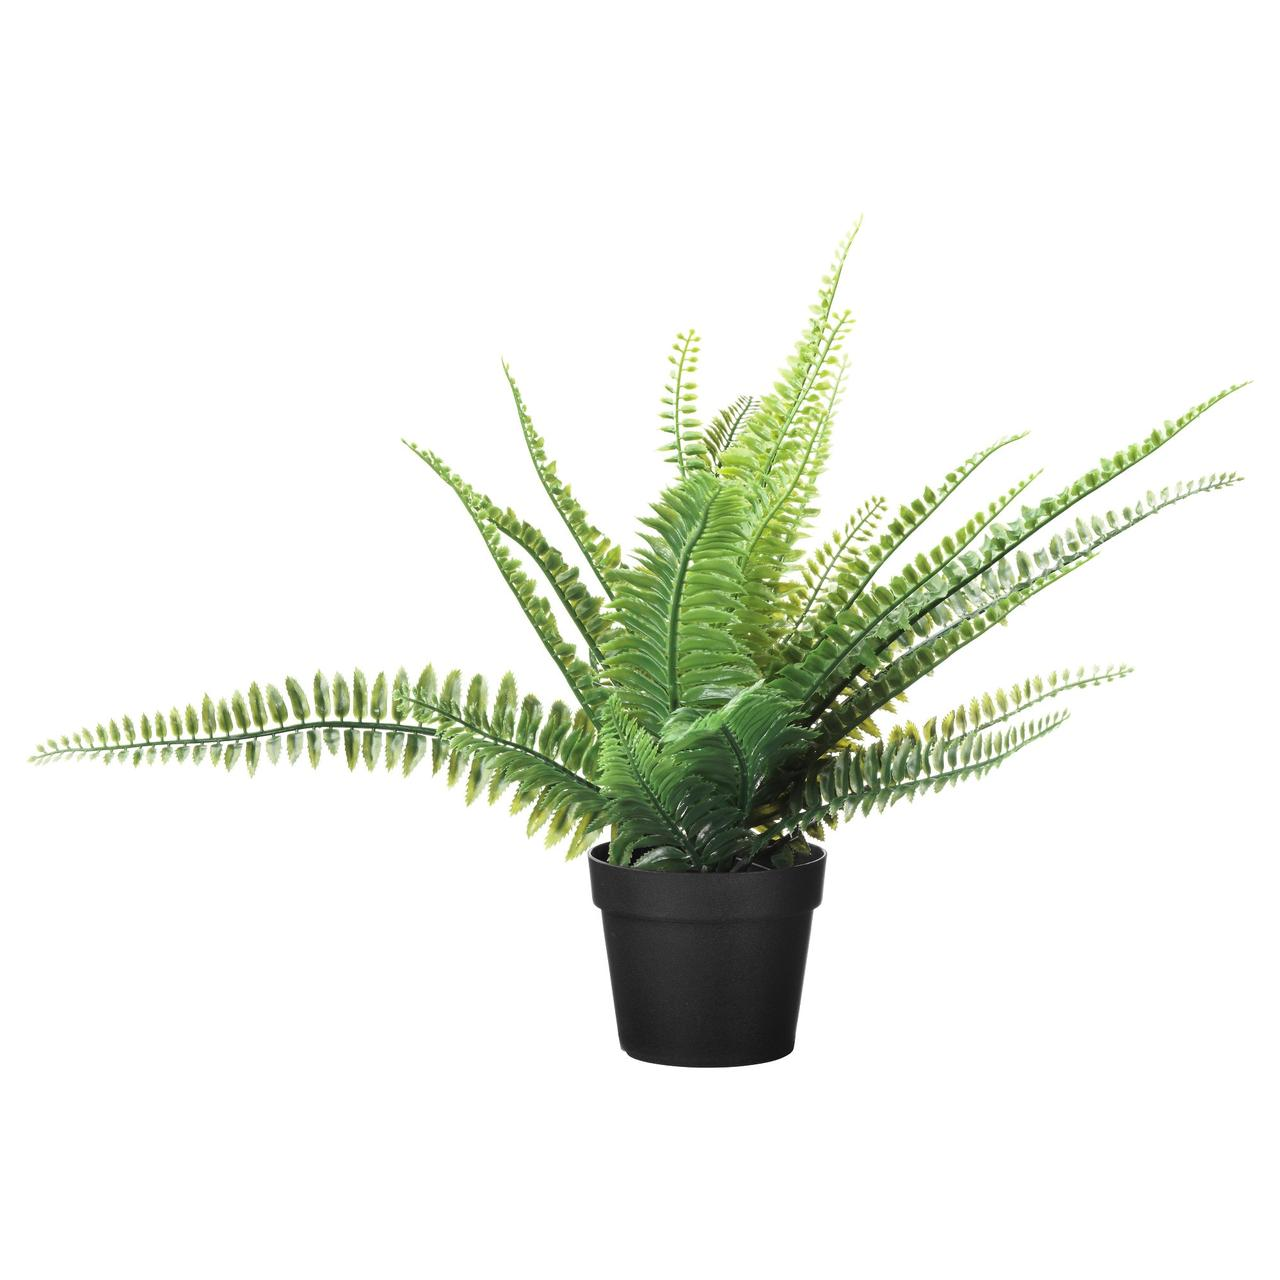 Искусственное растение в горшке IKEA FEJKA 10 см папоротник 003.495.33